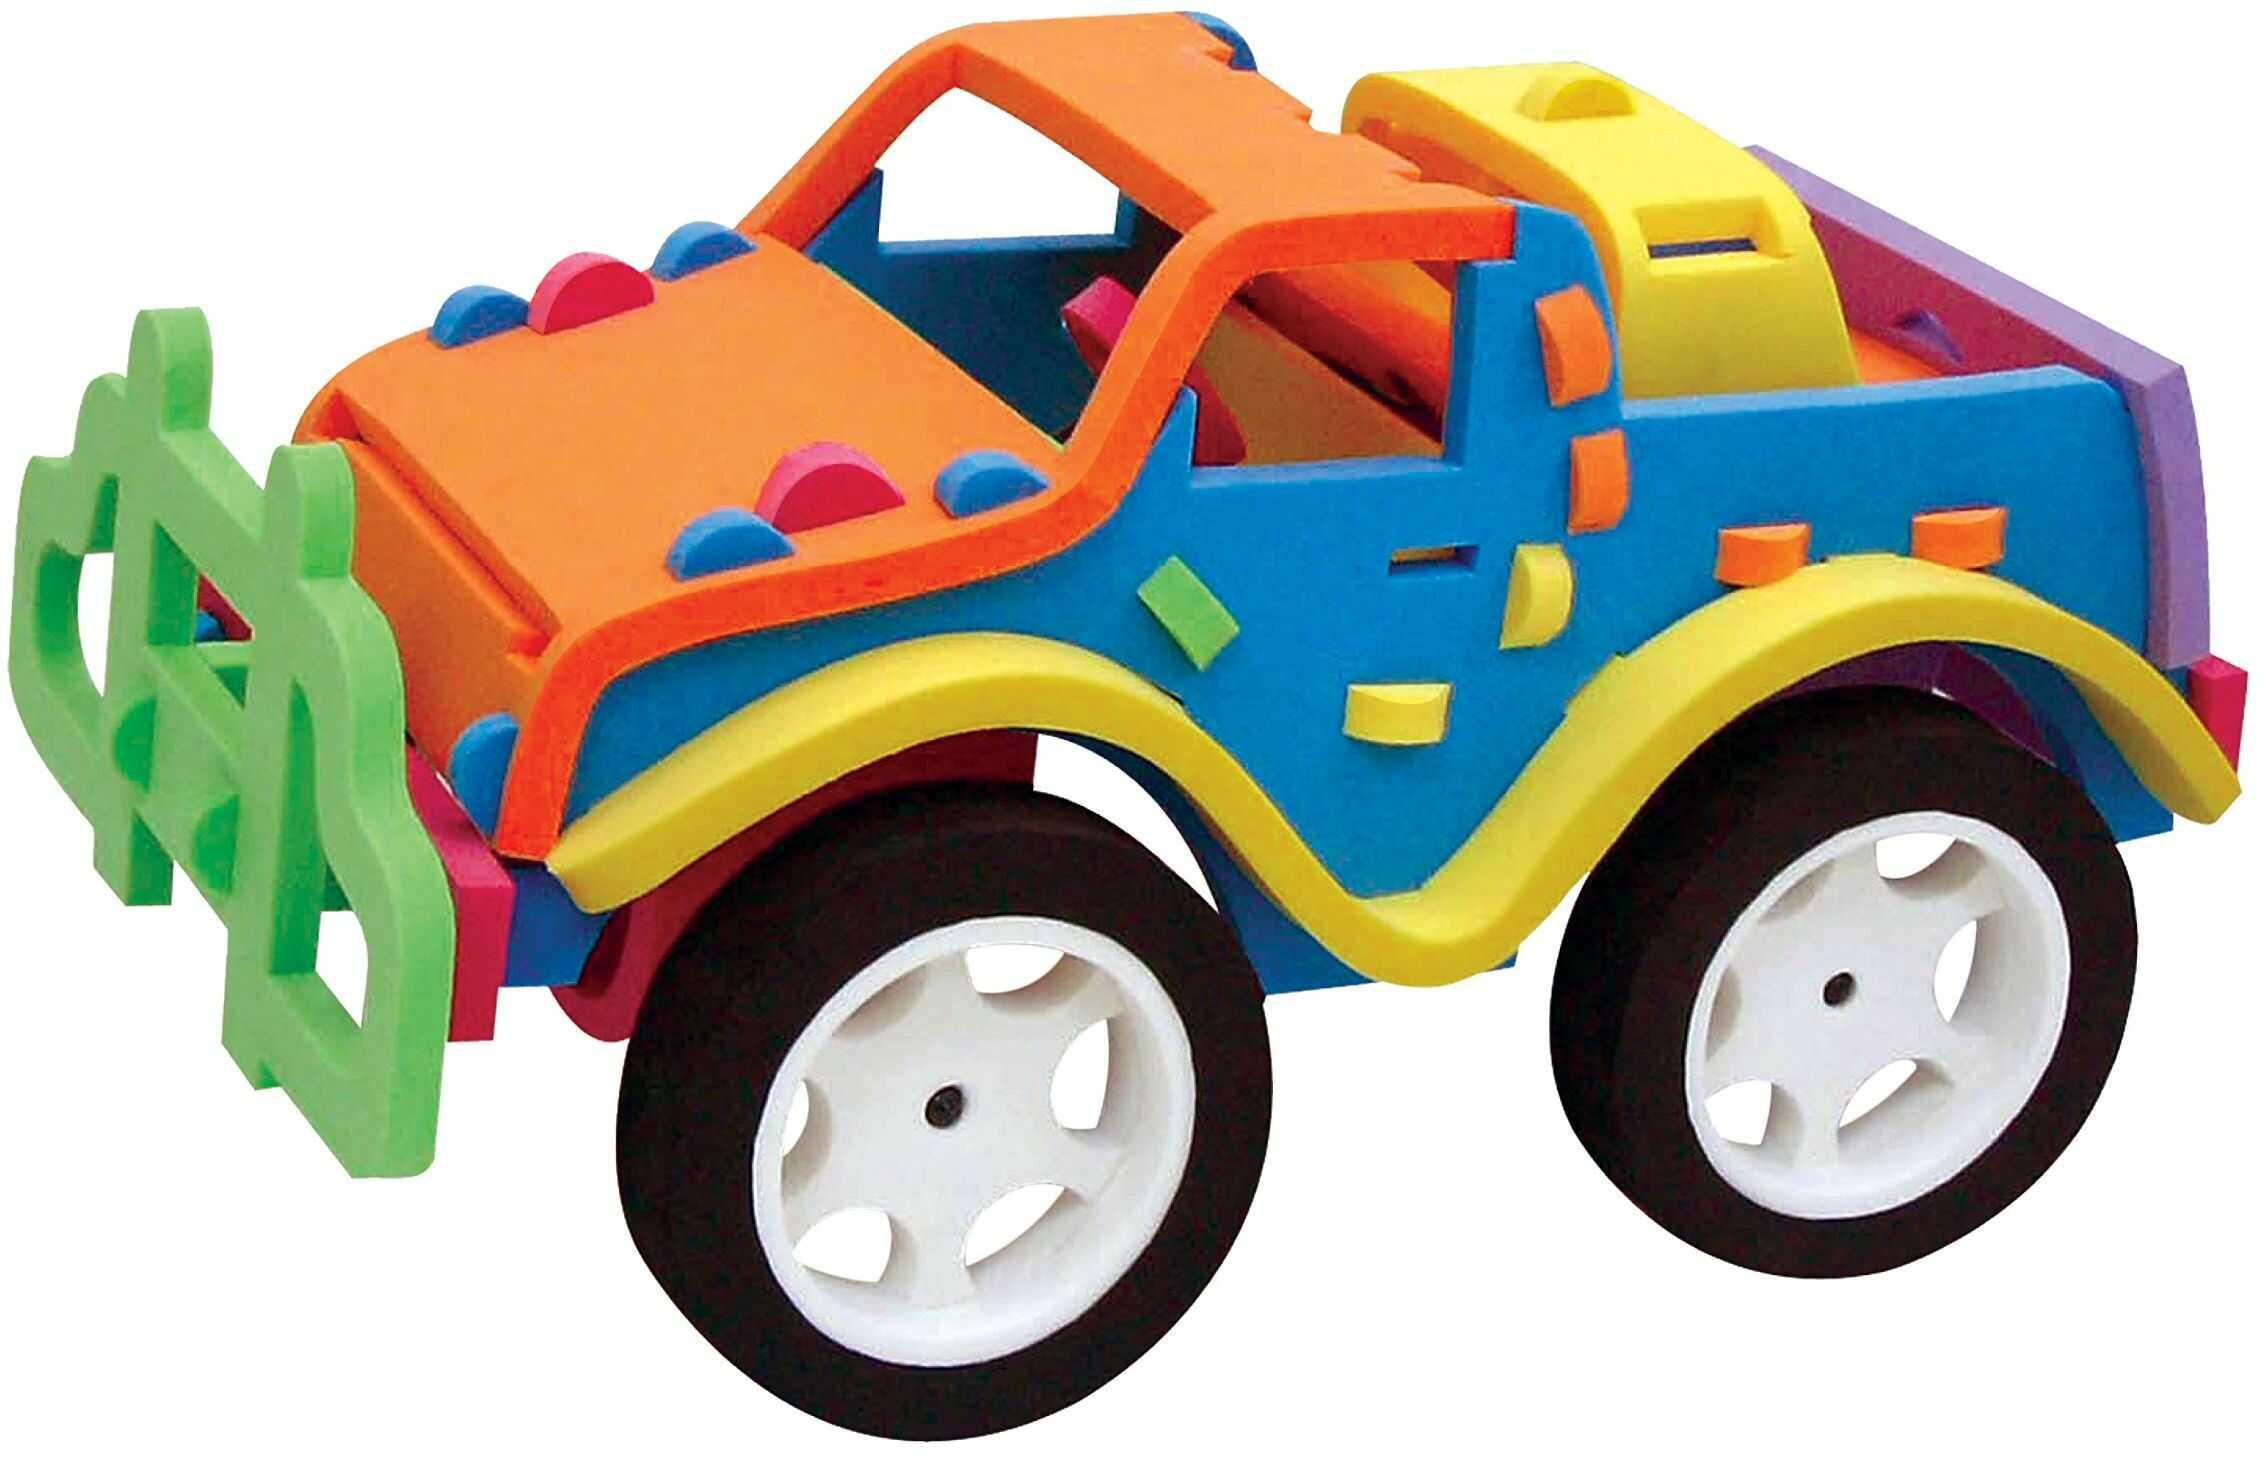 Trudi 82929 - samochód terenowy Sevi Soft, pluszowy, 29 x 15 x 16 cm, wielokolorowy